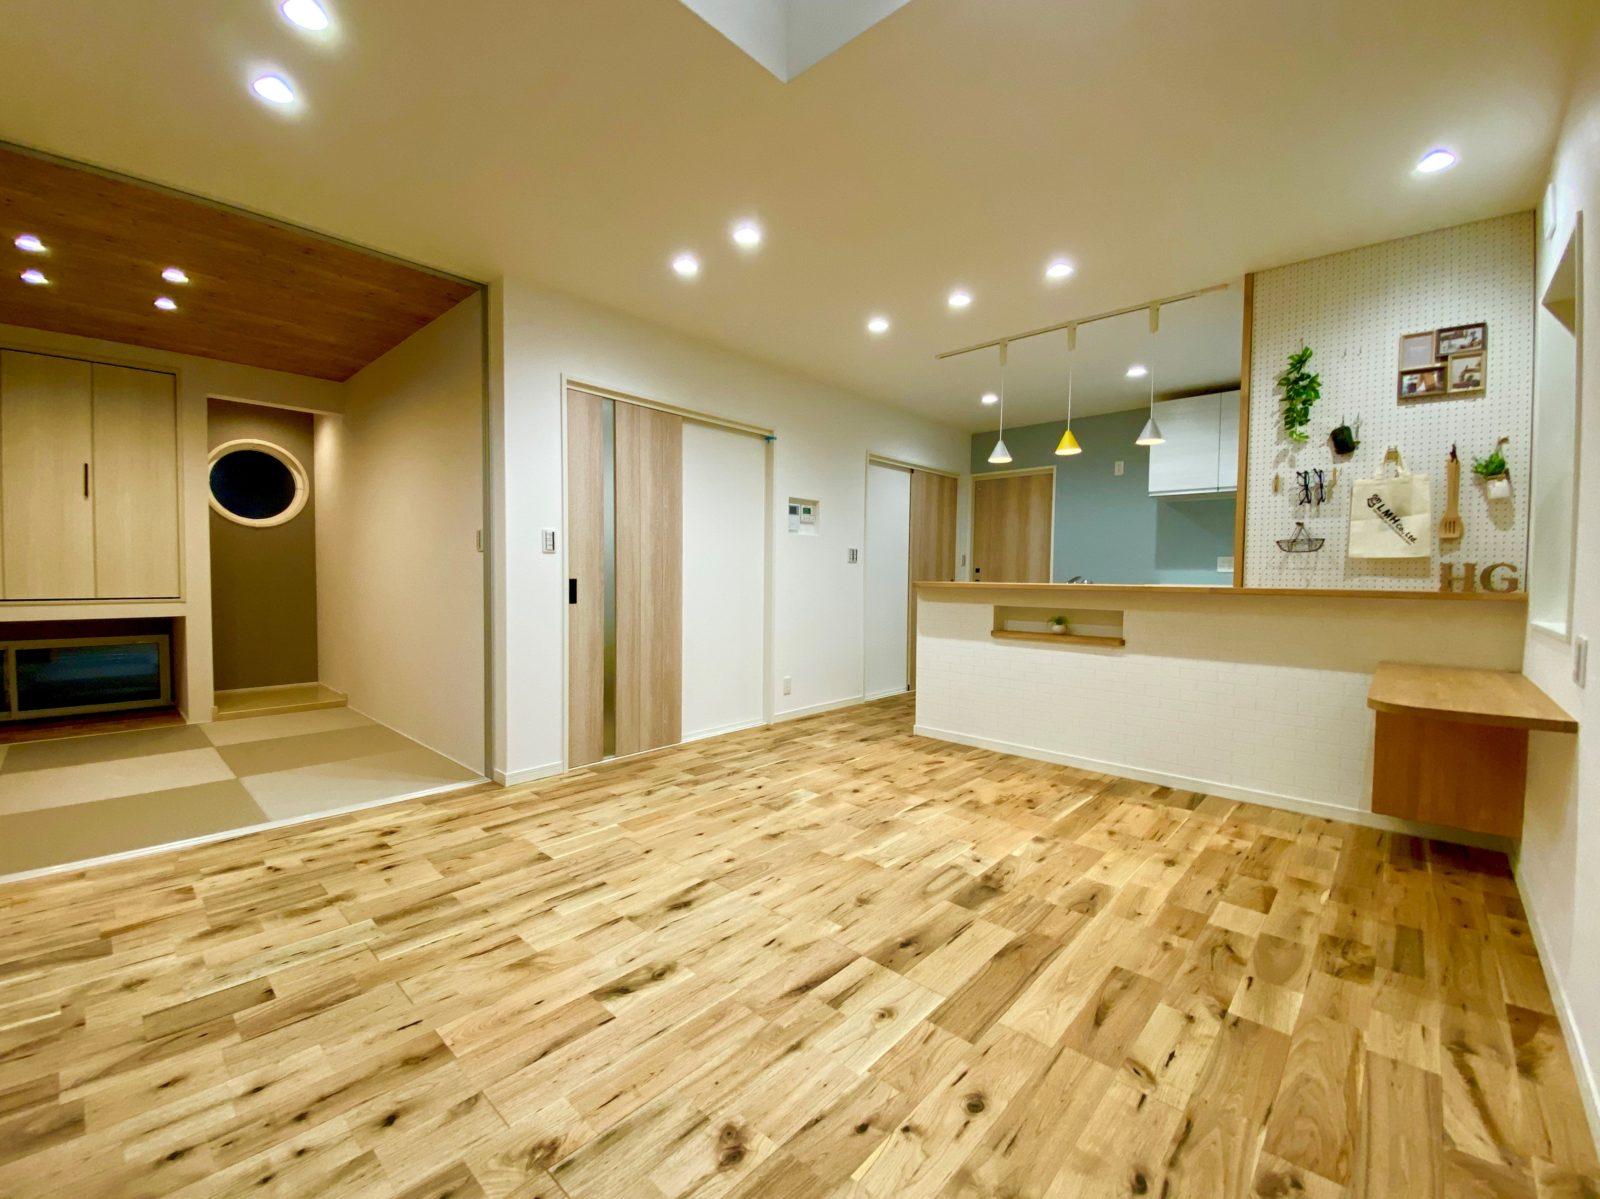 鹿児島市光山2丁目でオープンハウス 北欧風デザインのやさしい雰囲気のお家